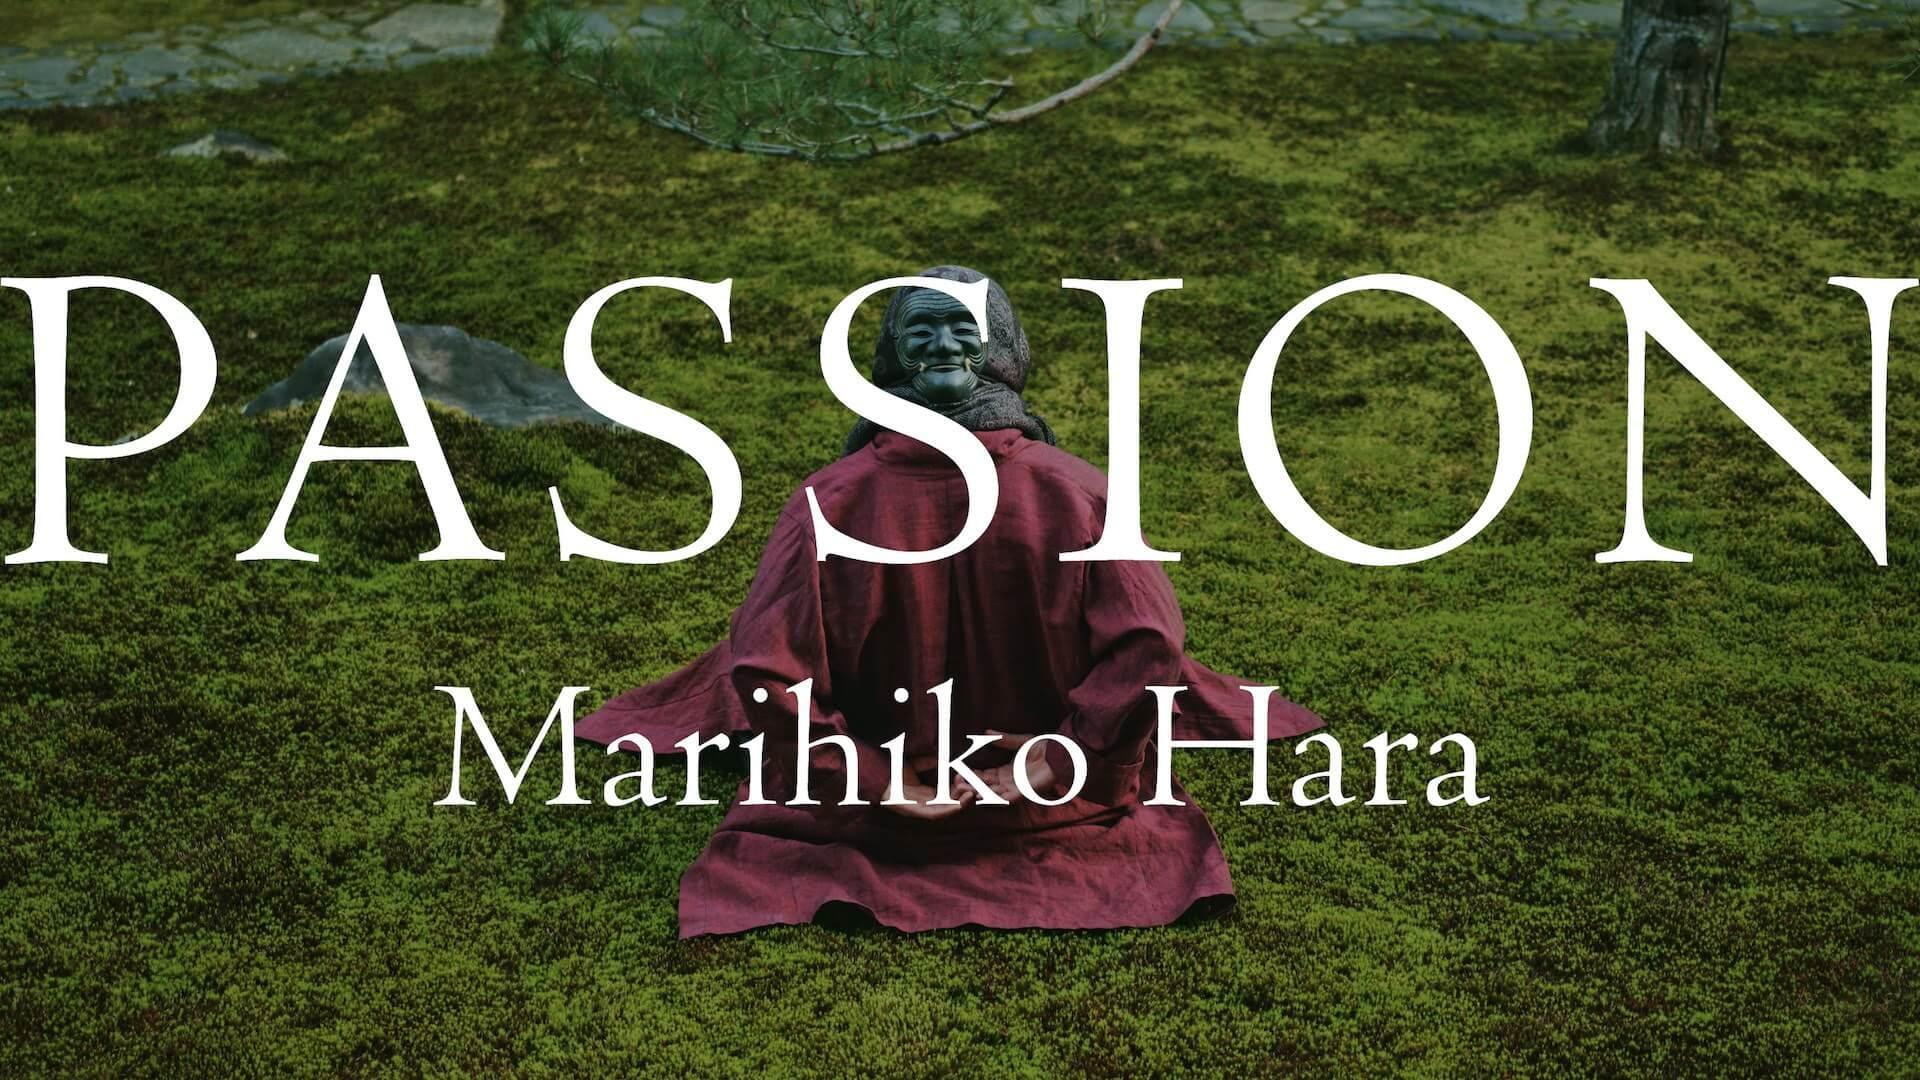 原 摩利彦の最新作『PASSION』より、森山未來参加の表題曲MVが公開!購入者特典はスコット・ウォーカーのカバー収録CD music200514_haramarihiko_mv_06